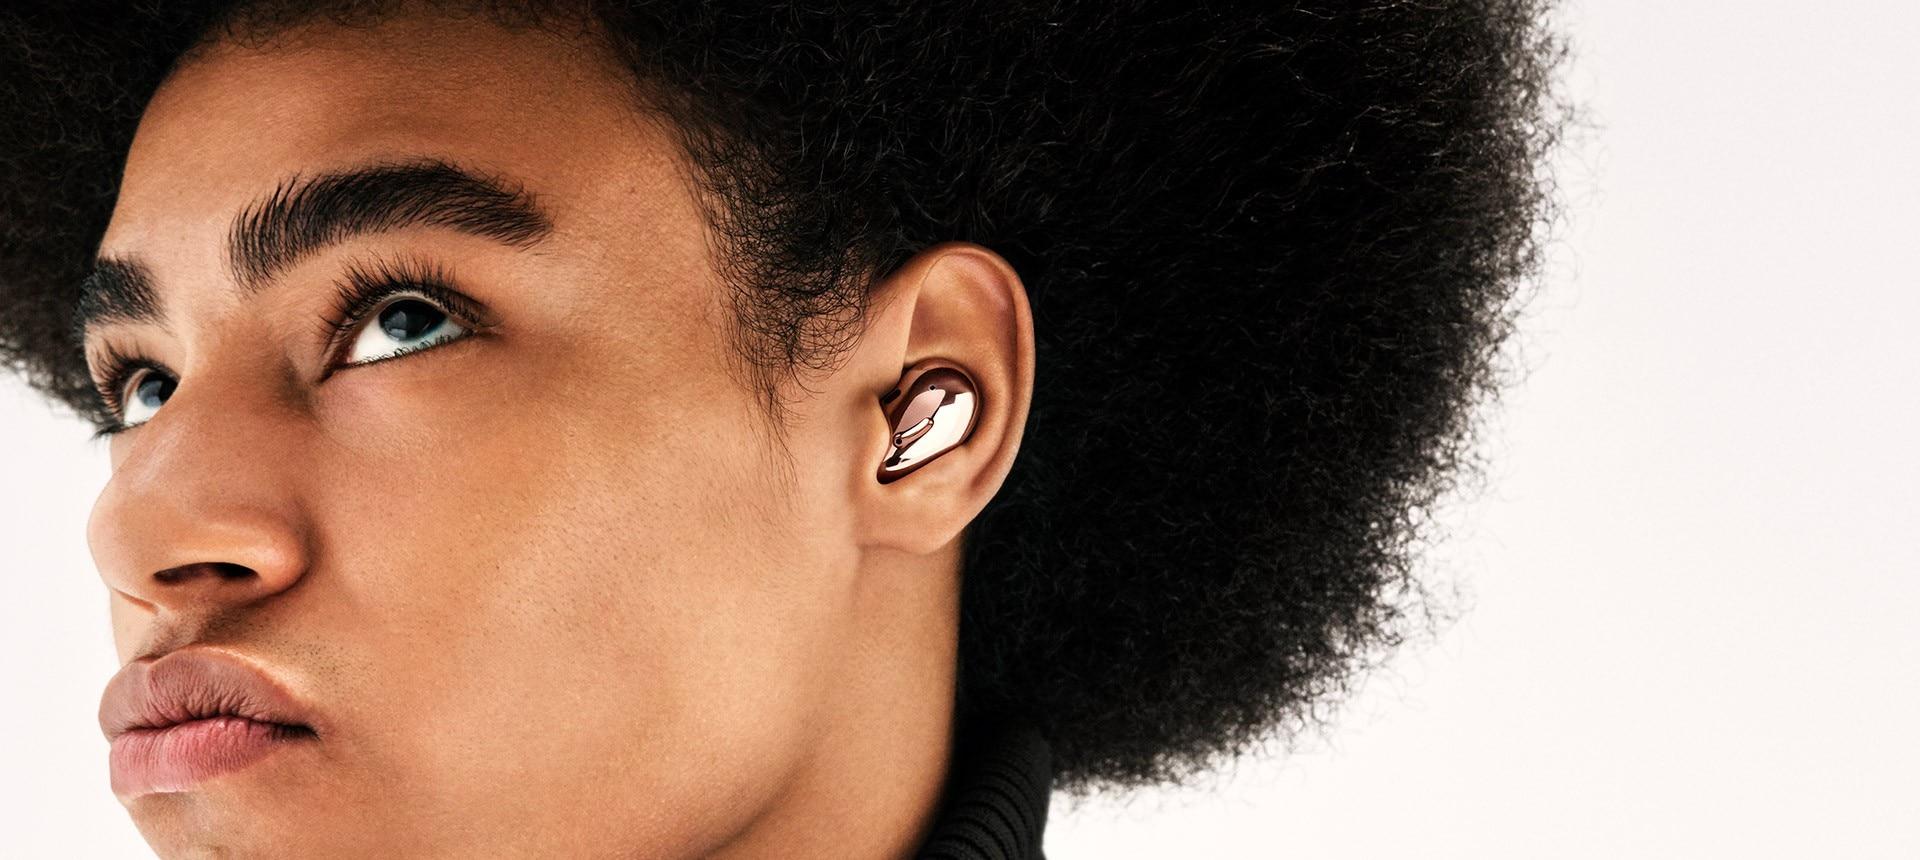 Vue partielle d'un homme avec une coupe afro portant des Galaxy Buds Live Bronze Mystique. La caméra effectue un zoom avant pour faire un gros plan sur son oreille.